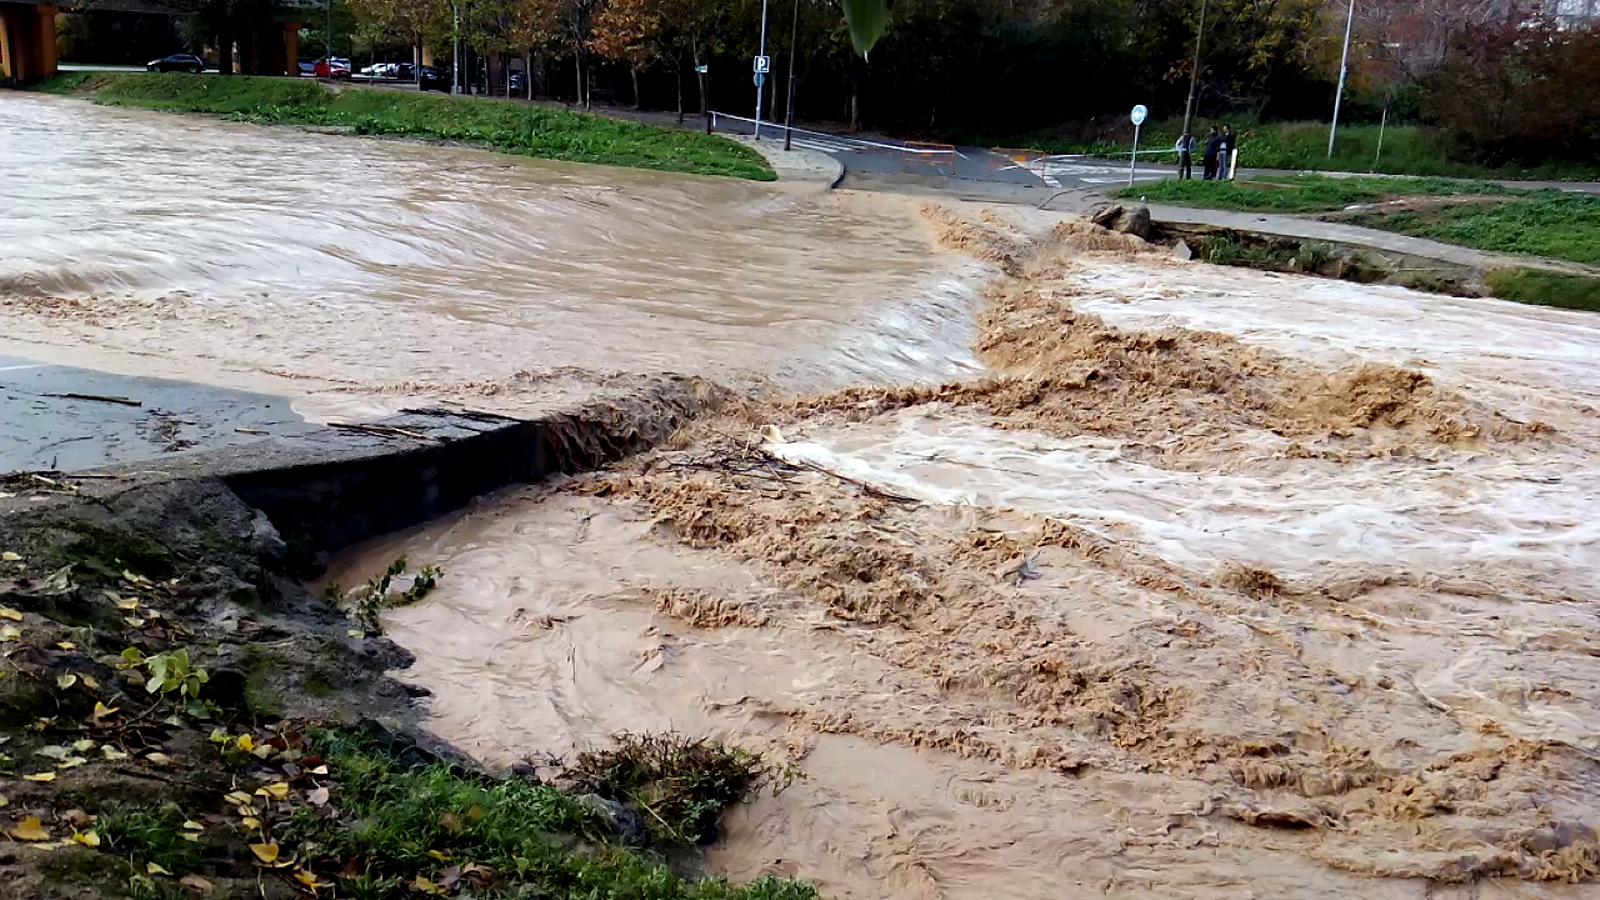 Riuada a Martorell aquest diumenge, després de les pluges del cap de setmana